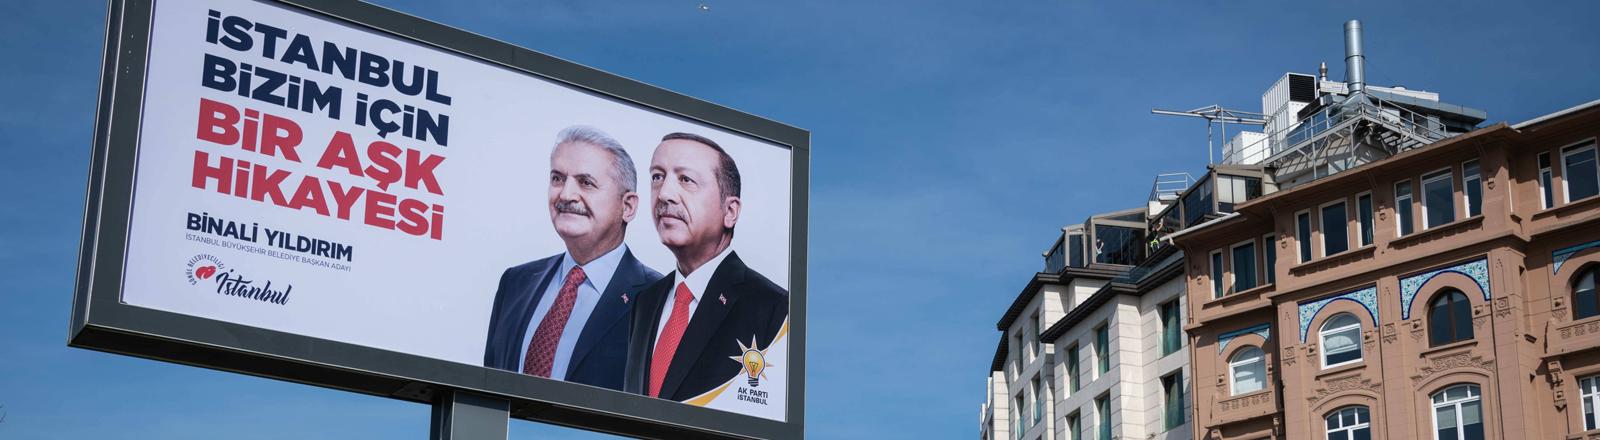 Ein Wahlplakat in Istanbul zeigt Präsident Erdogan mit Istanbuls Bürgermeisterkandidat Binali Yildirim